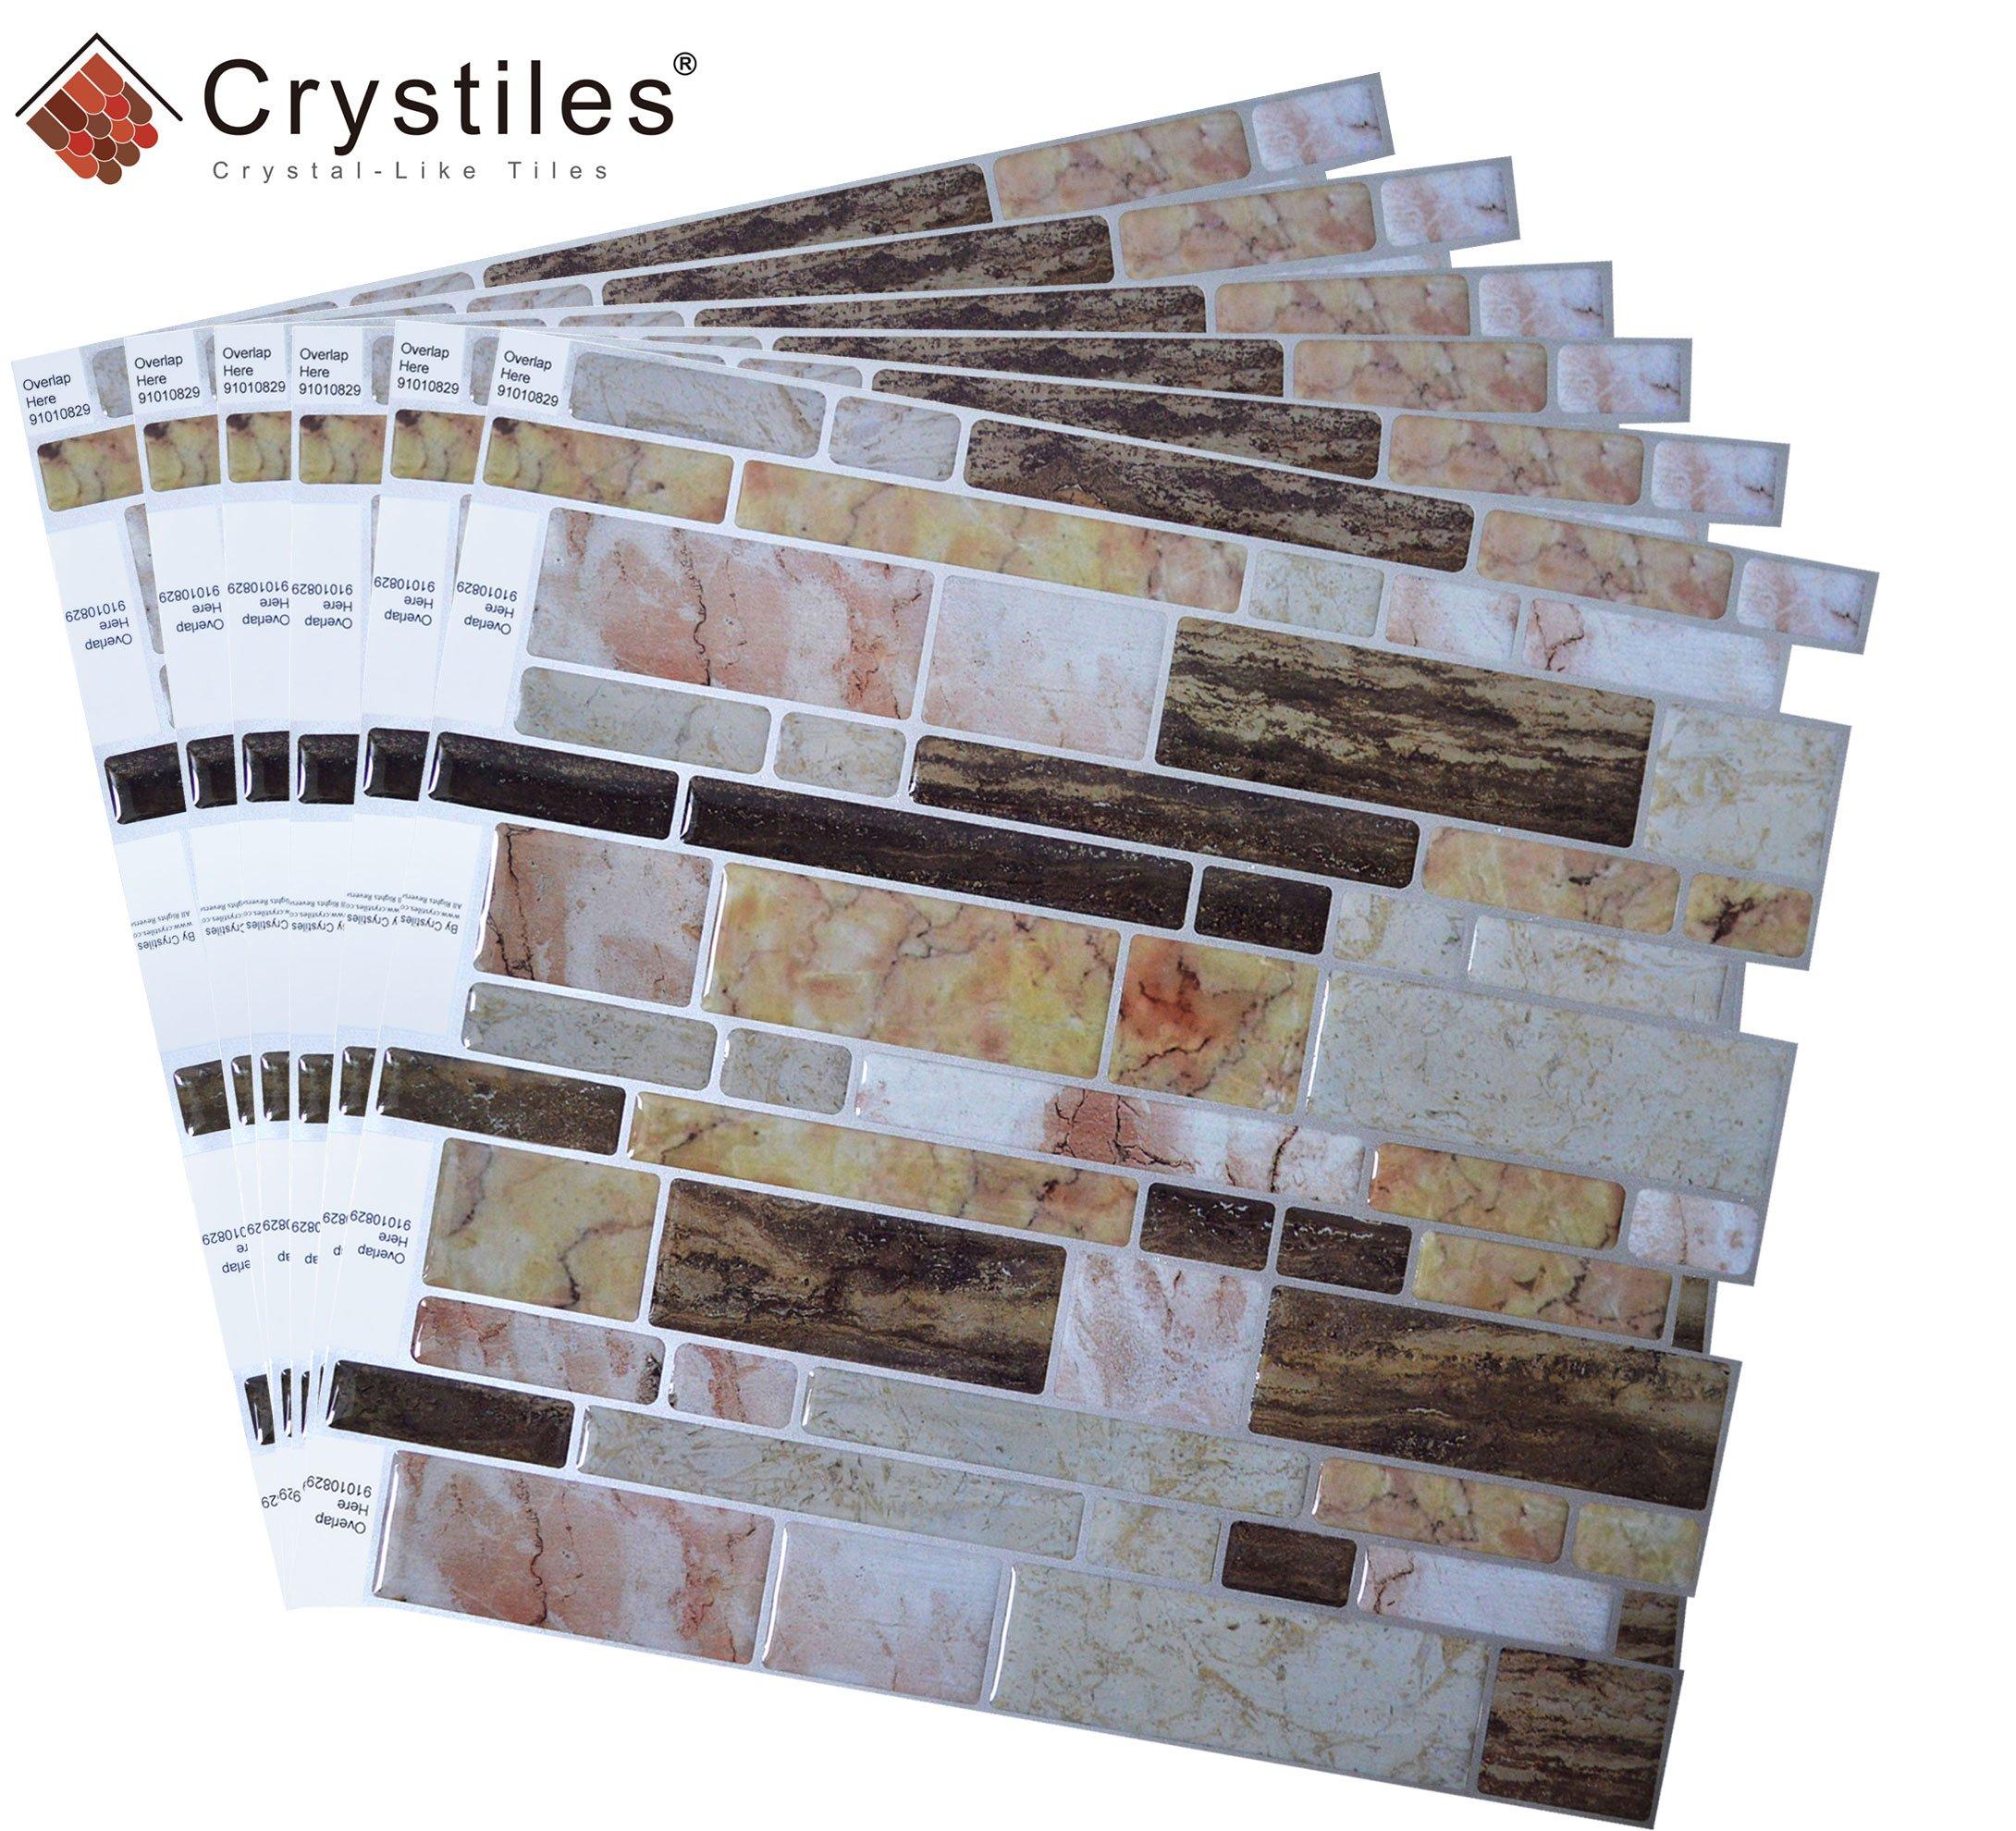 crystiles peel and stick diy backsplash tile stick on vinyl wall tile perfect 696392499319 ebay. Black Bedroom Furniture Sets. Home Design Ideas